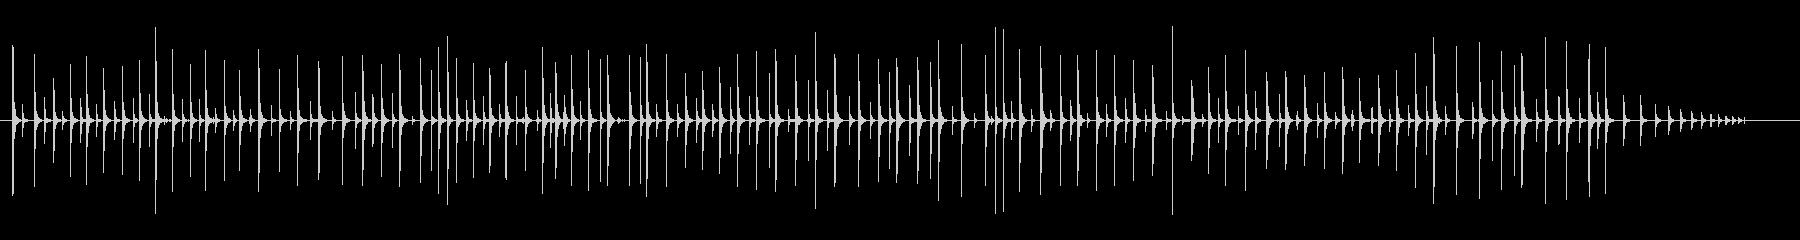 ボールバウンス-バウンドするボール...の未再生の波形